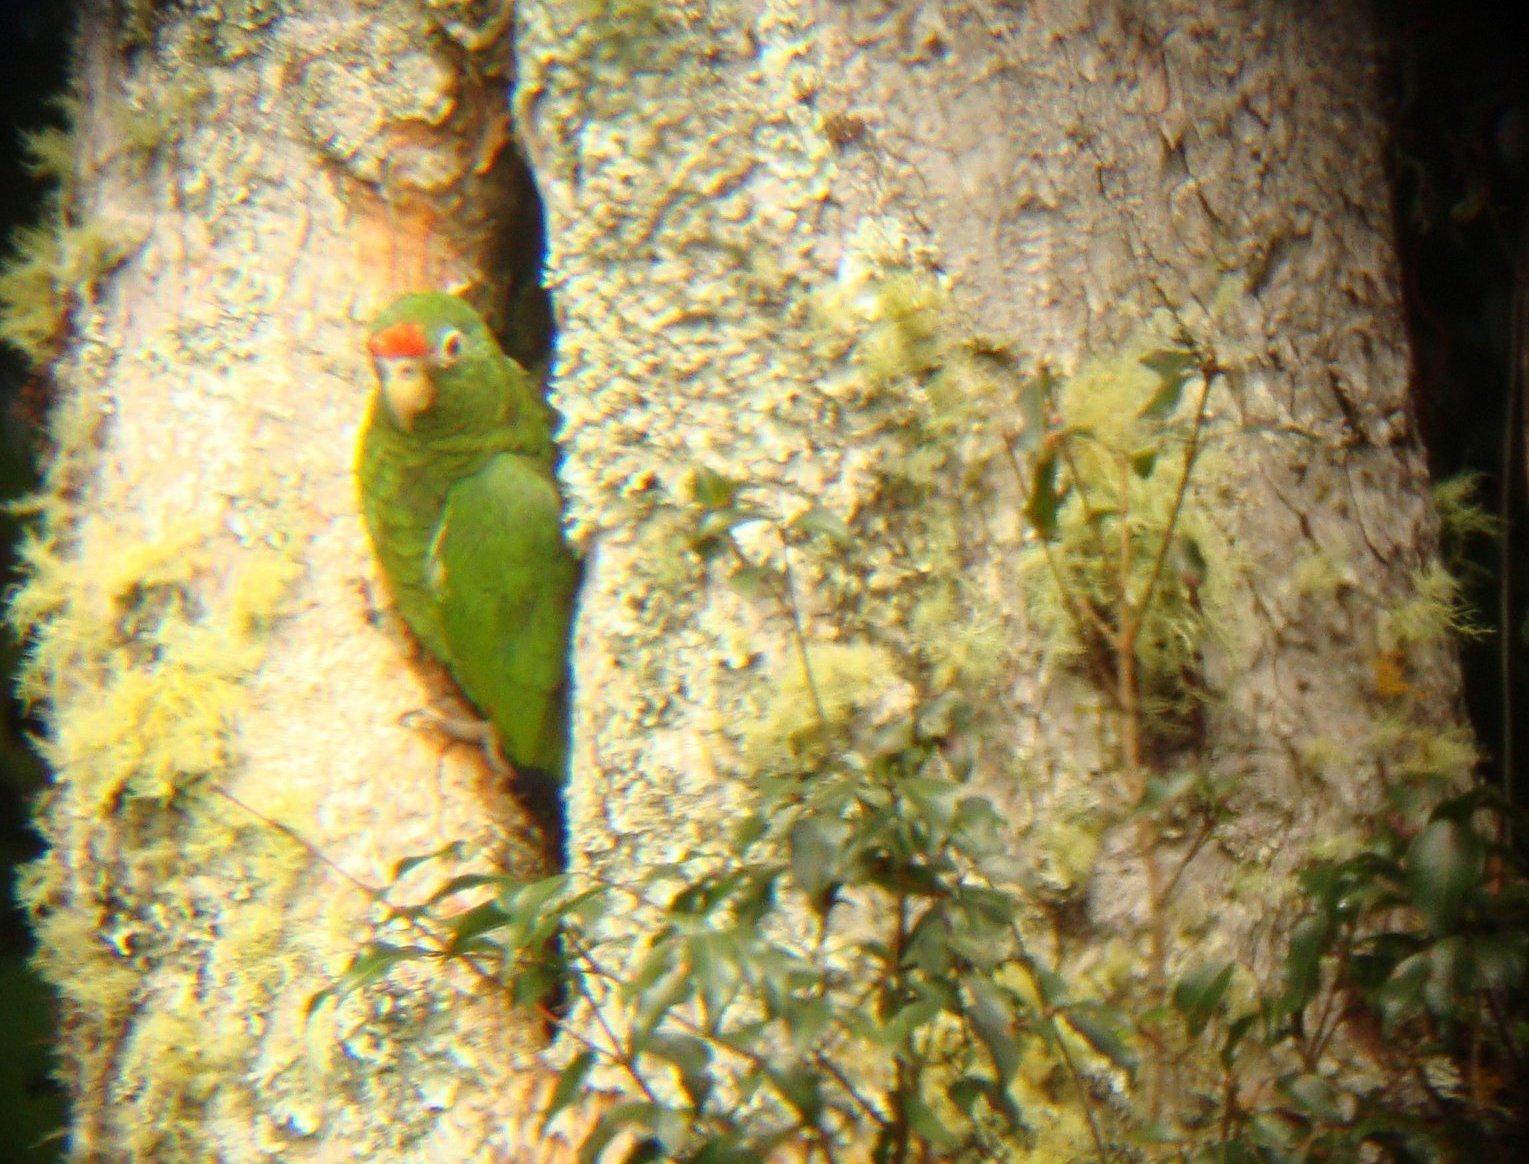 El robo de las crías de sus nidos es una de las principales amenazas del loro pinero. Foto: Proyecto de Conservación del Loro Pinero.